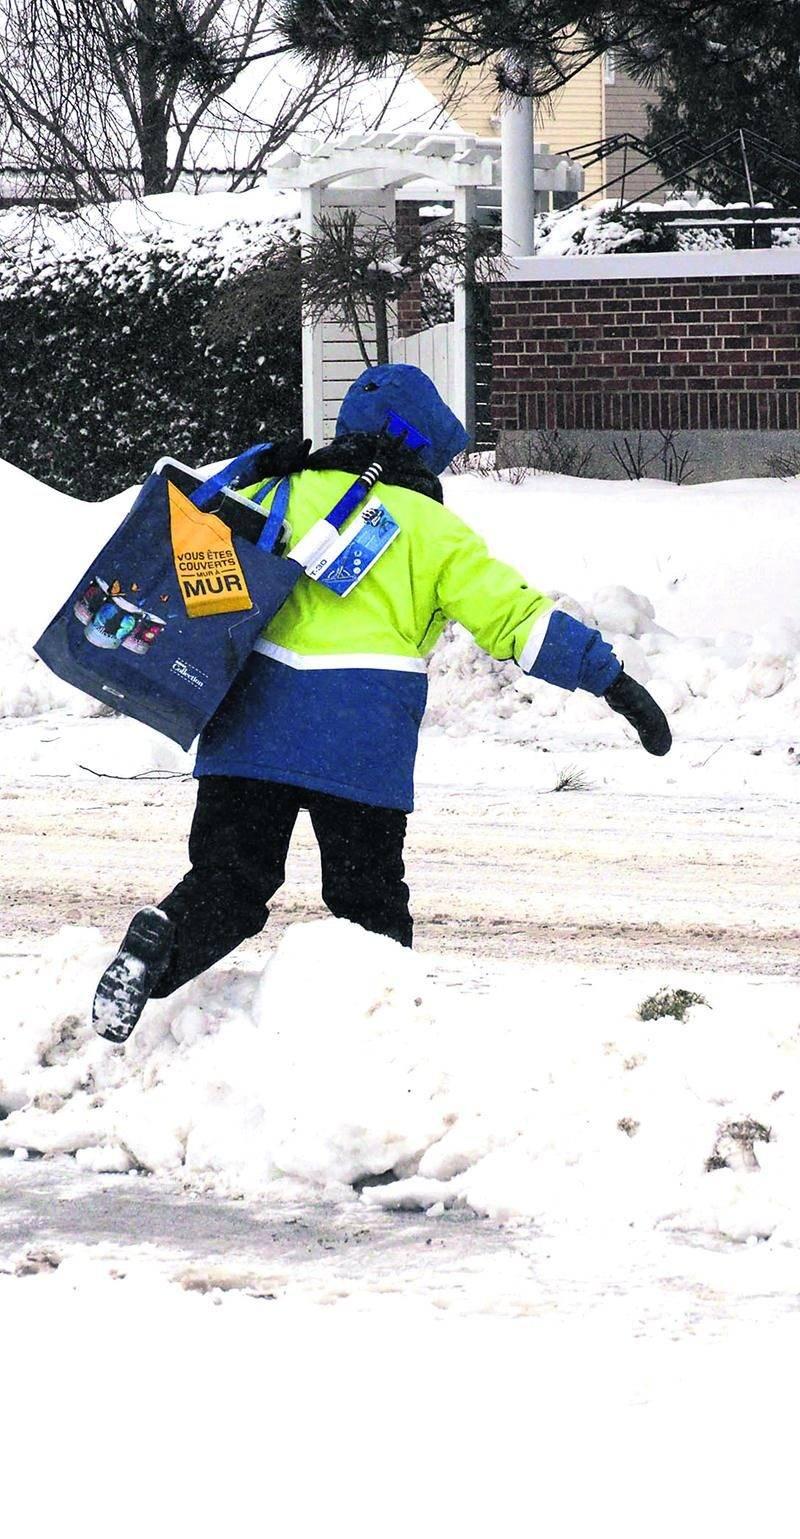 Le verglas et la neige qui se sont abattus sur la région cette fin de semaine ont causé des maux de tête à bien des automobilistes et des piétons.  Photo François Larivière | Le Courrier ©